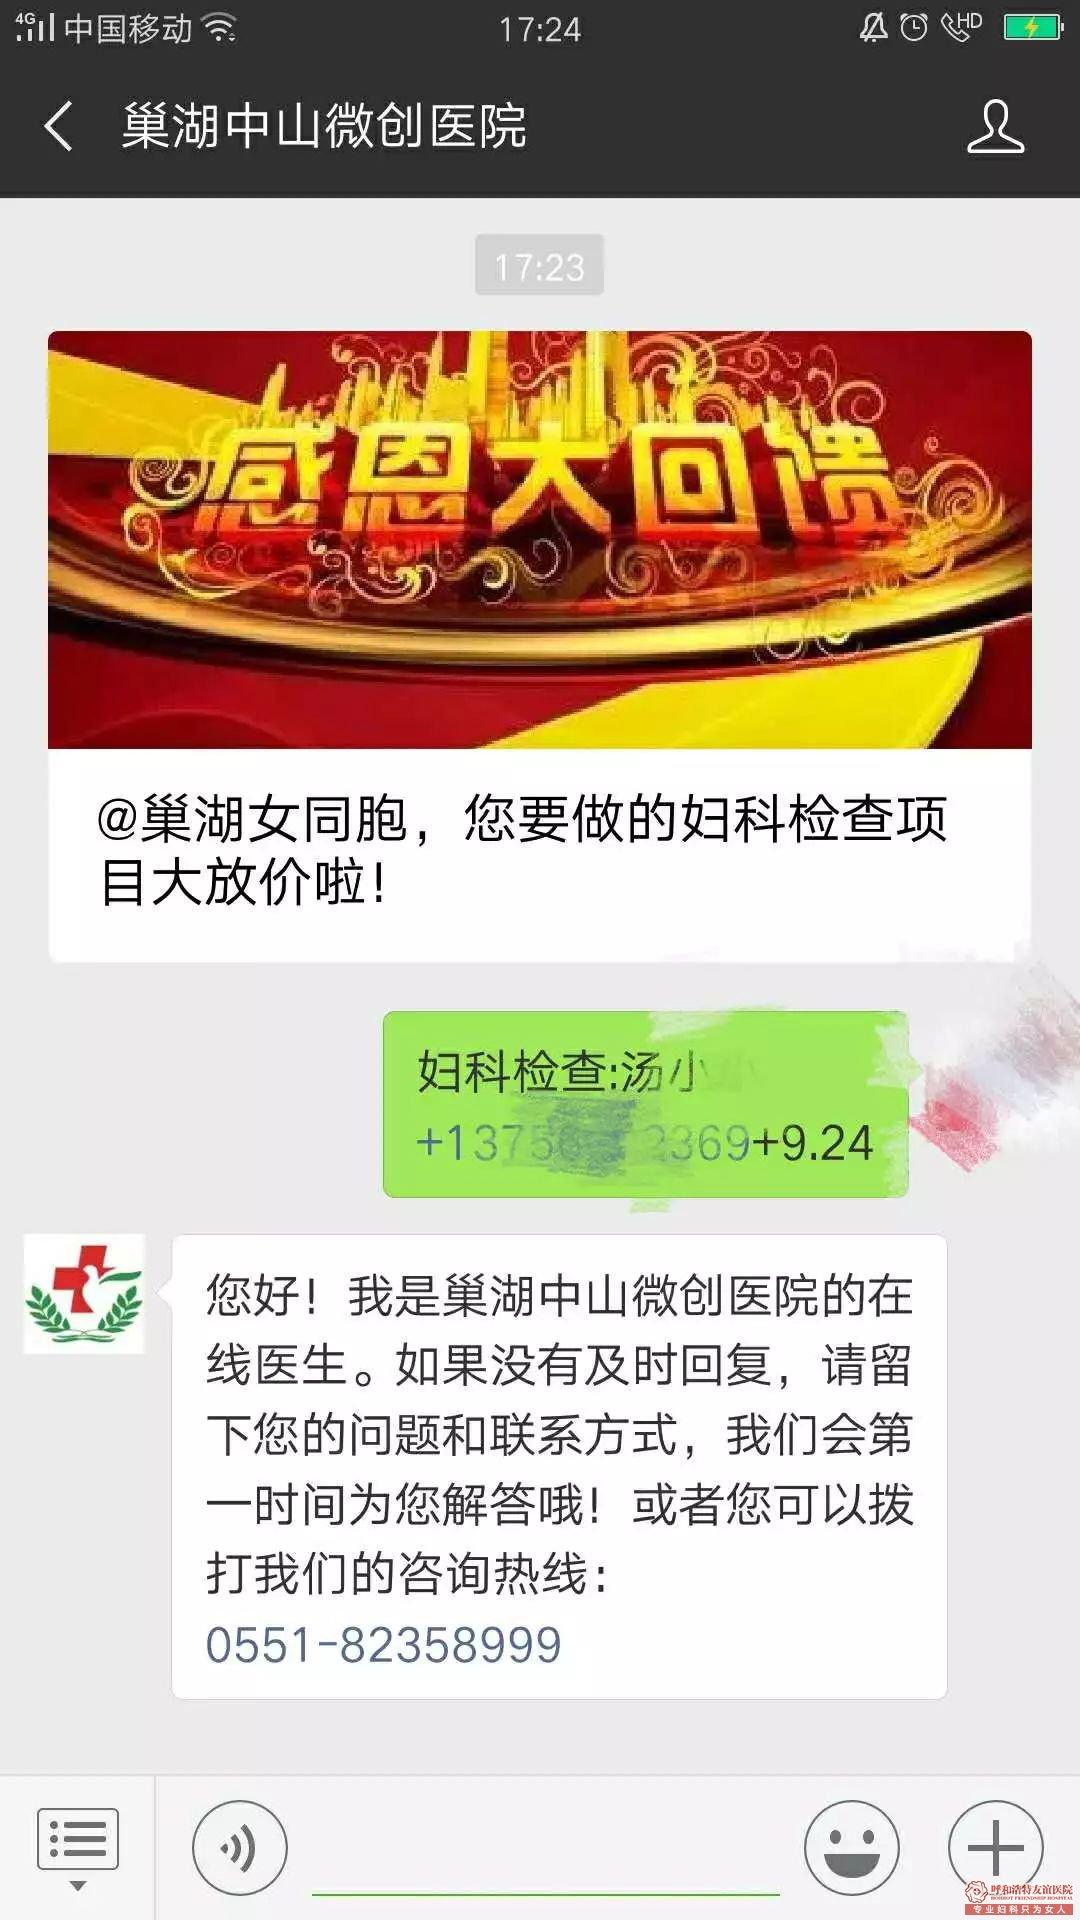 """@呼市女同胞,友谊医院妇科检查放""""价""""~ 瞬间节省了200元!"""